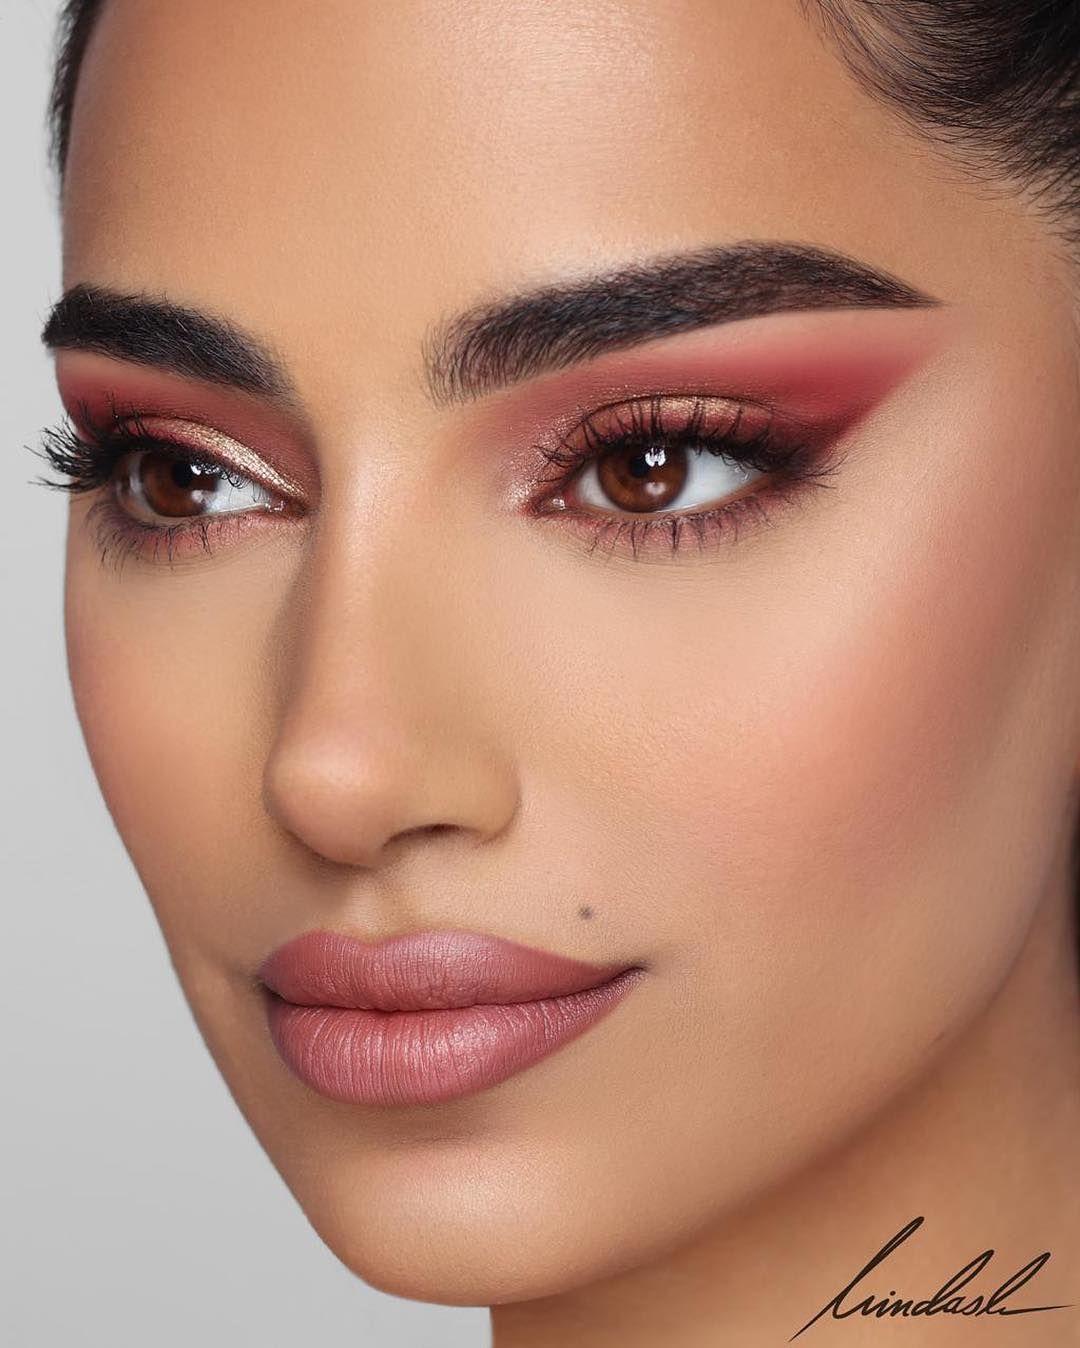 """Shaeghe شائقه on Instagram """"LA Fantasy 🍒 Full face of"""